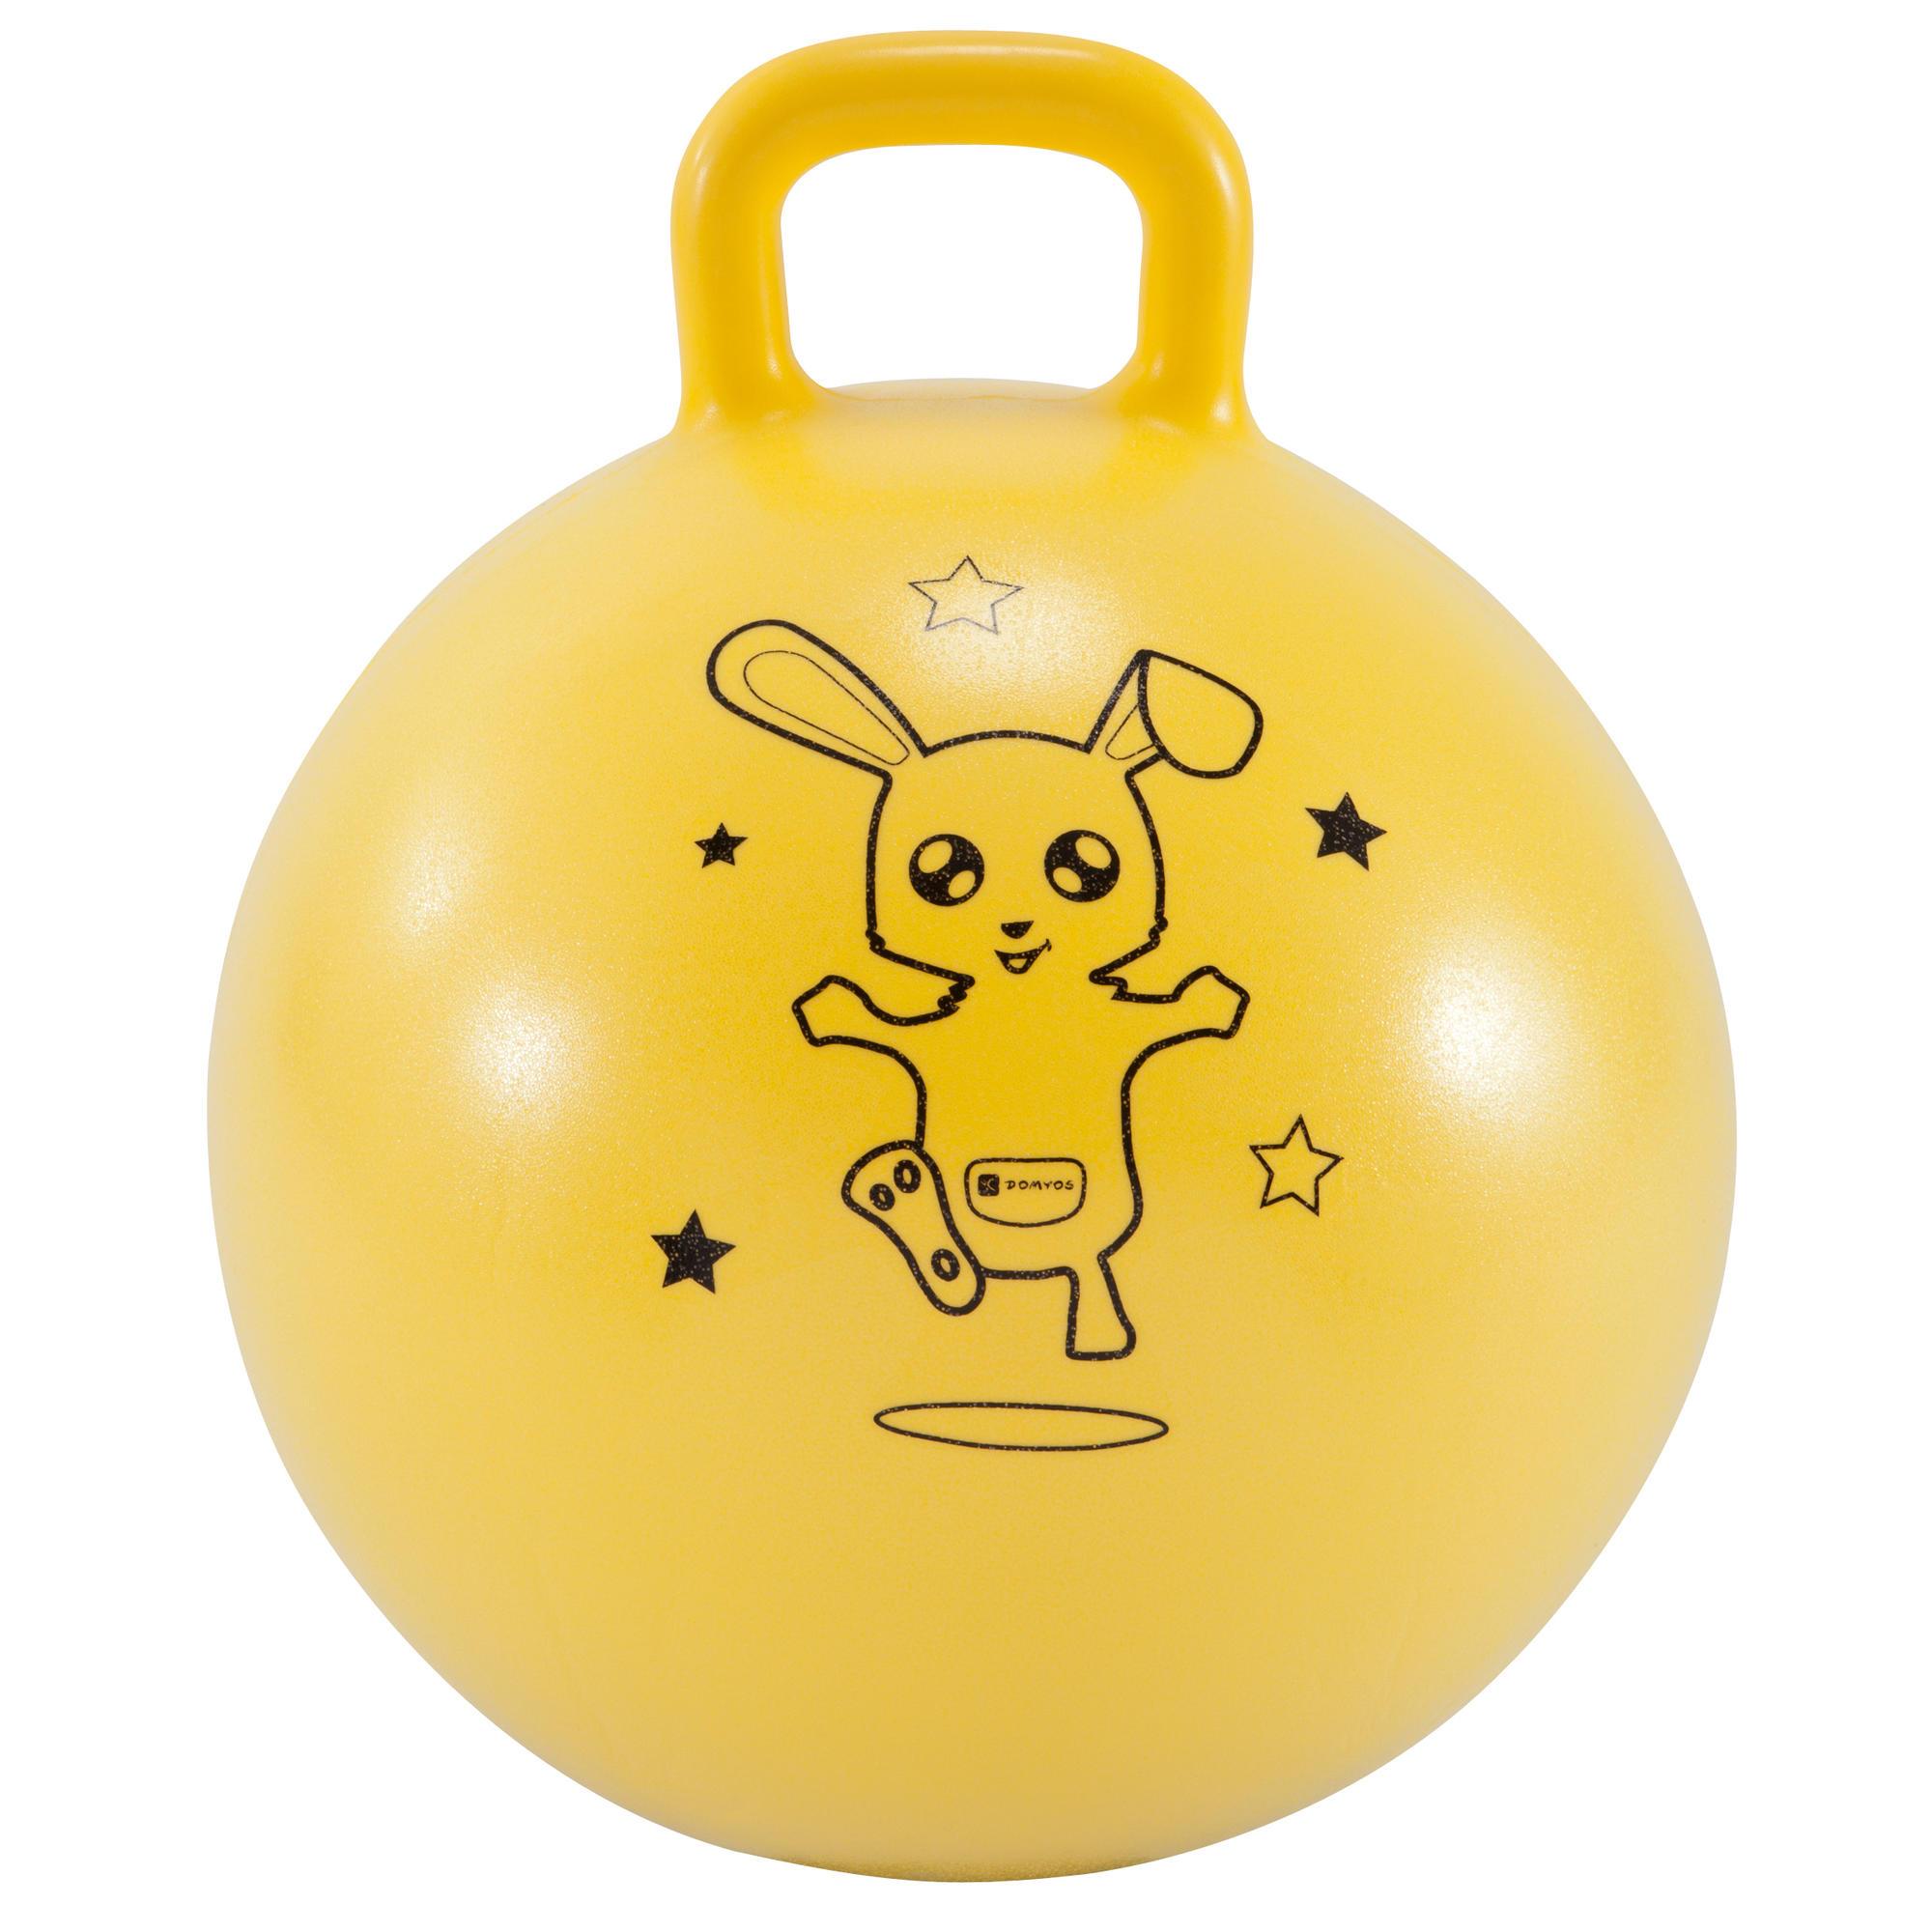 ballon sauteur resist 45 cm gym enfant jaune domyos by decathlon. Black Bedroom Furniture Sets. Home Design Ideas